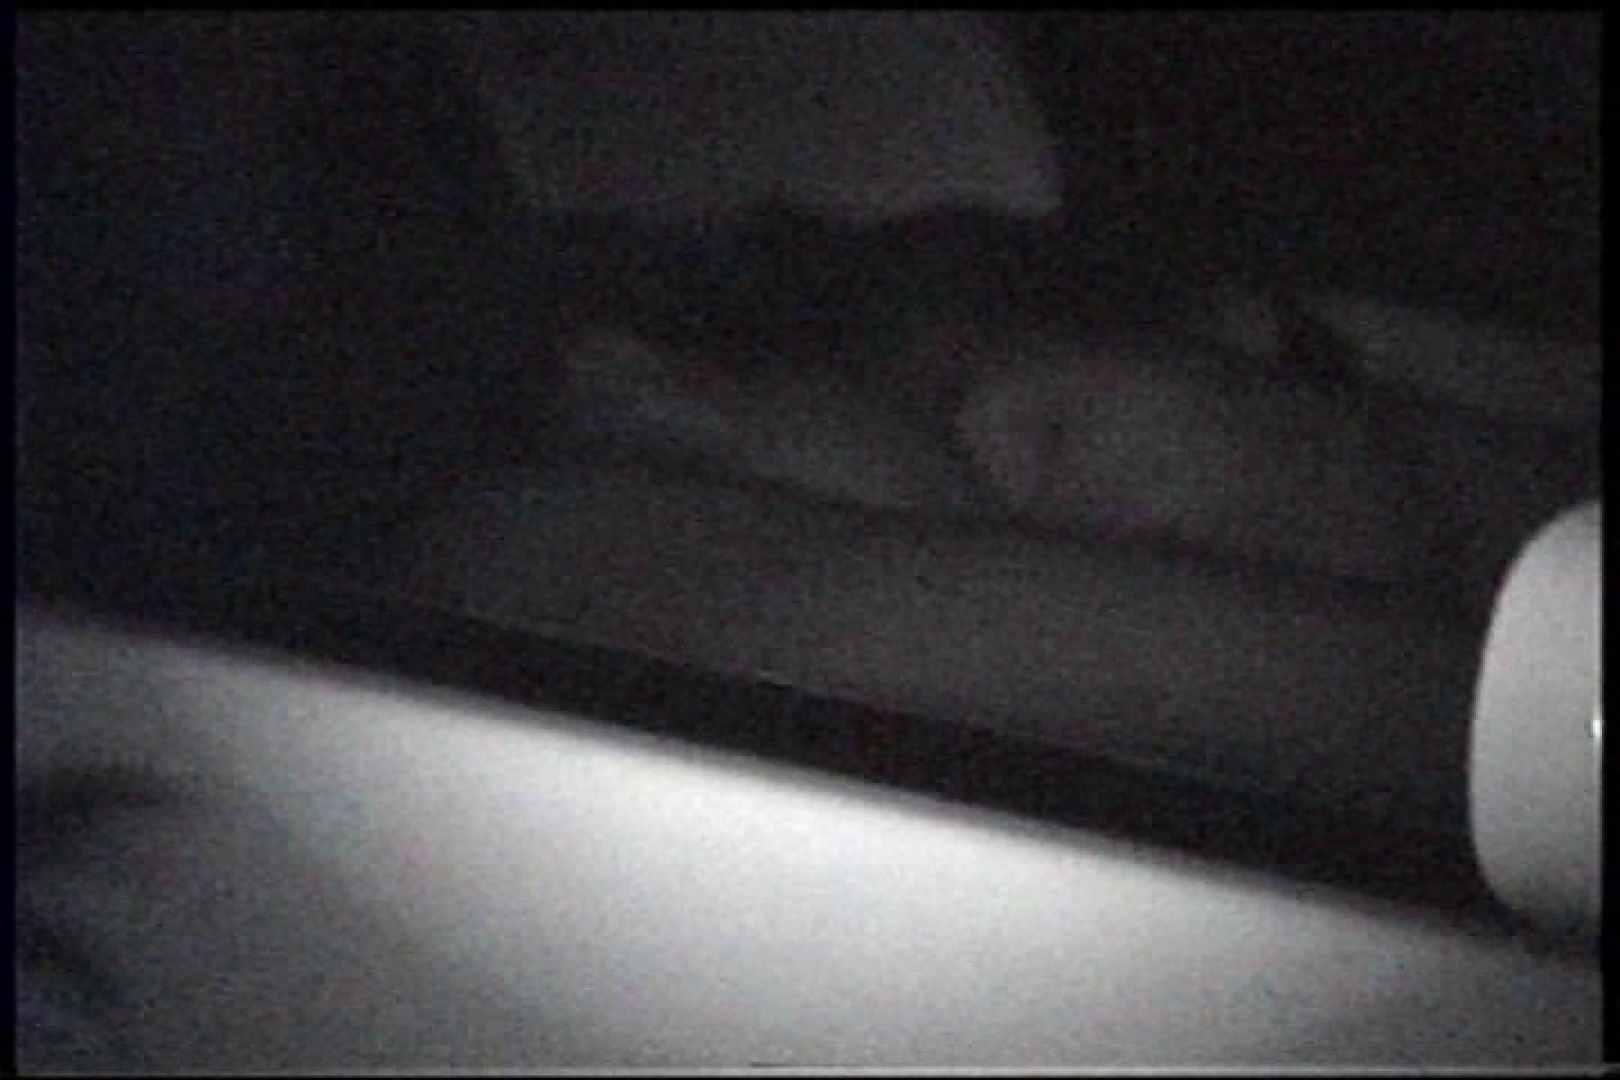 充血監督の深夜の運動会Vol.237 エッチなセックス | エロティックなOL  96画像 79